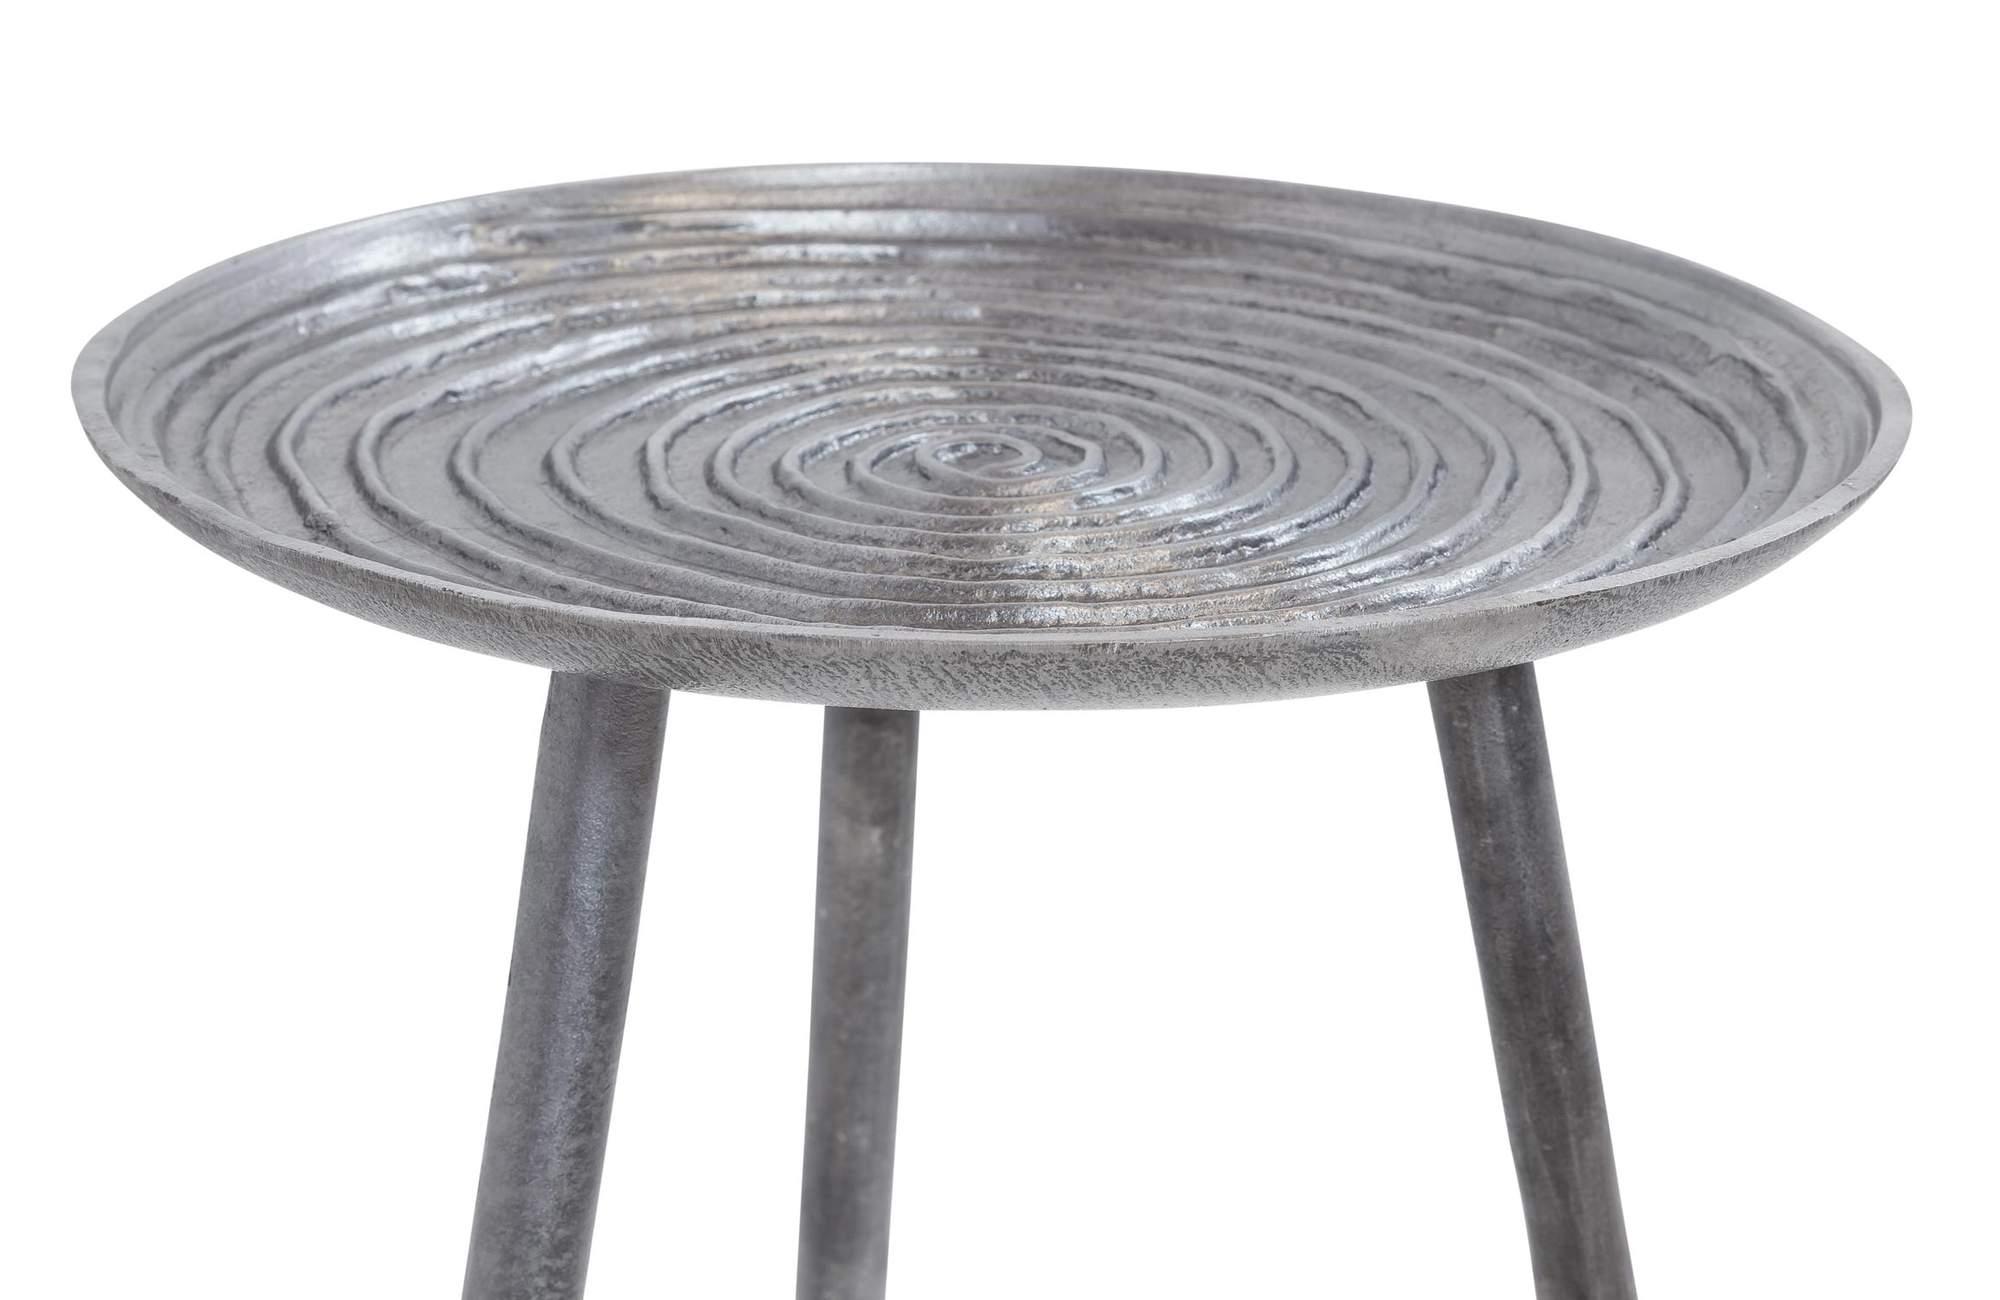 beistelltisch spiral 35 cm metall platte black nickel. Black Bedroom Furniture Sets. Home Design Ideas